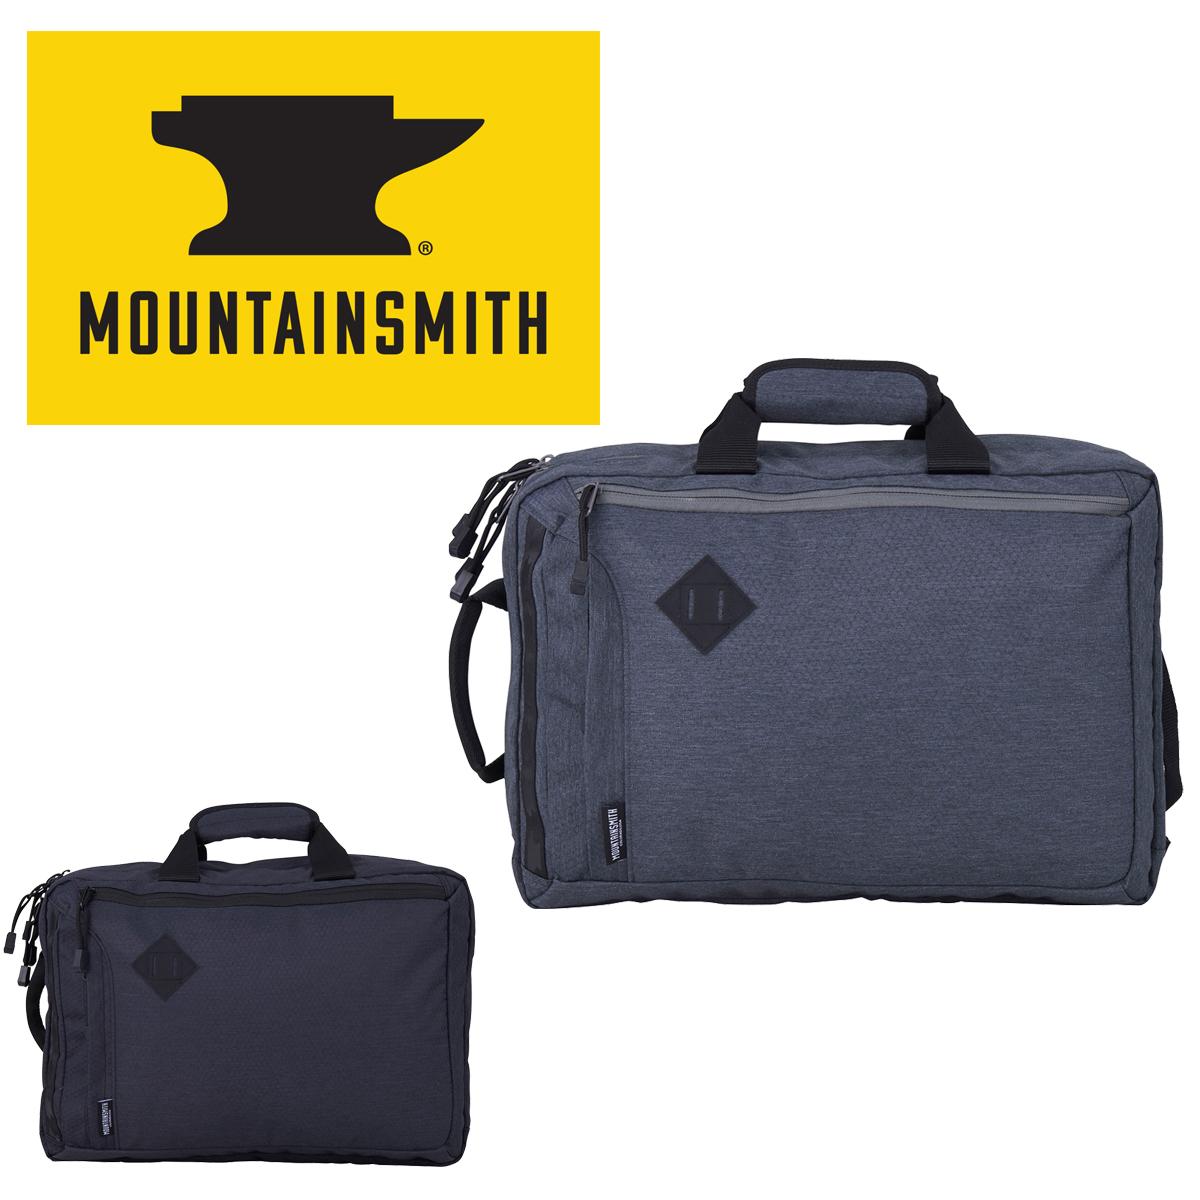 マウンテンスミス MOUNTAIN SMITH ブリーフケース 65394 CODY5 ビジネスバッグ バックパック リュック 2WAY [PO10][bef]